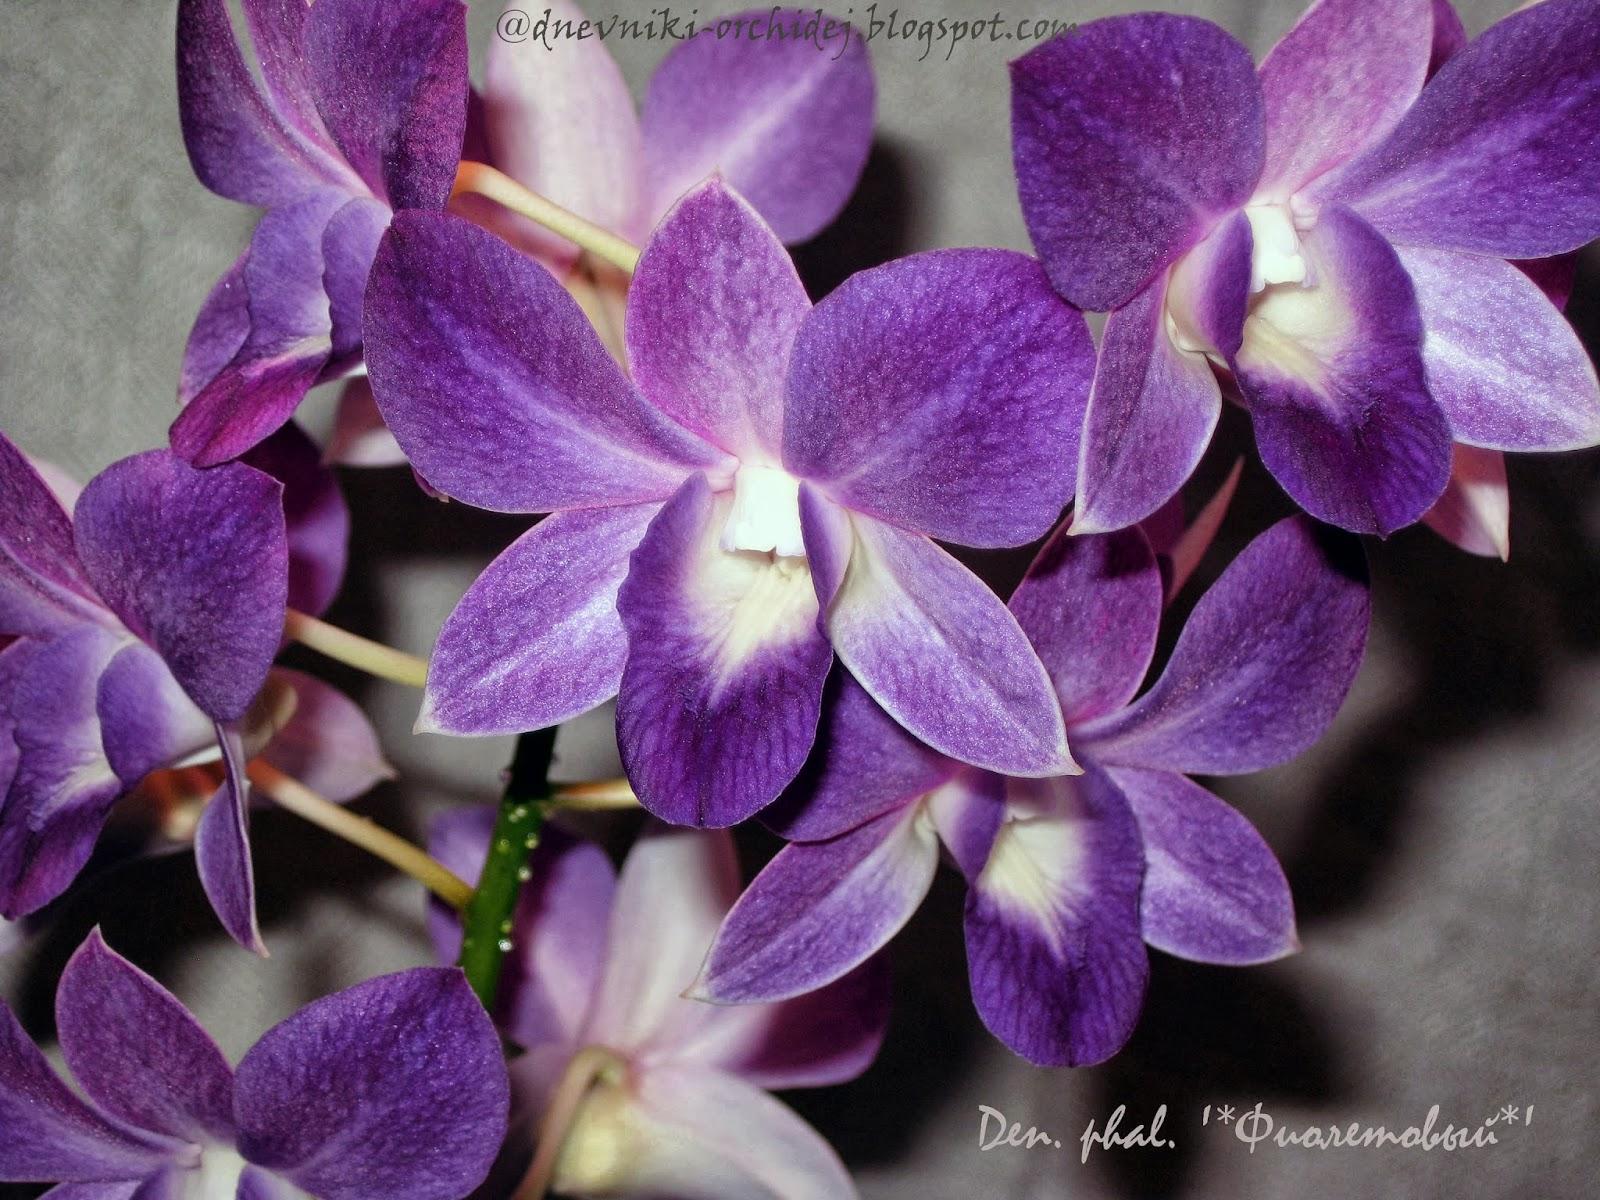 Красота цветов дендробиума фаленопсиса Фиолетового